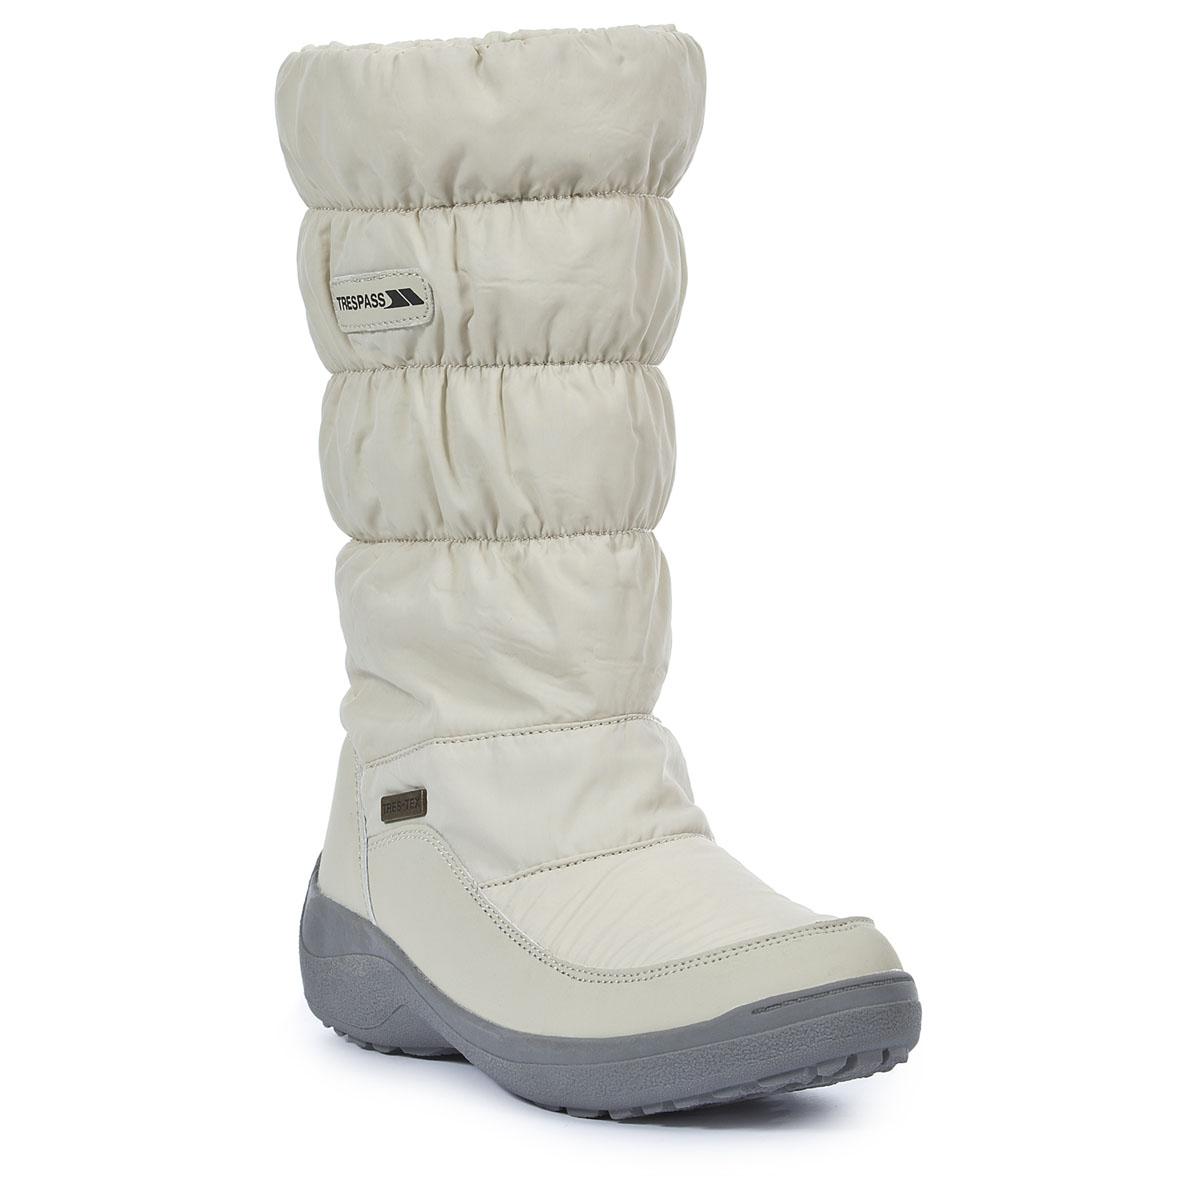 СапогиFAFOBOK20001Великолепные женские сапоги Izzie от Trespass выполнены из текстильного мембранного материала. Материал не допускает проникания воды. Специальное покрытие эффективно обеспечивает сухость и комфорт вашим ногам. Подкладка из флиса и стелька из текстиля согреют ваши ноги. Голенище присборено на резинки. Подошва дополнена рифлением.